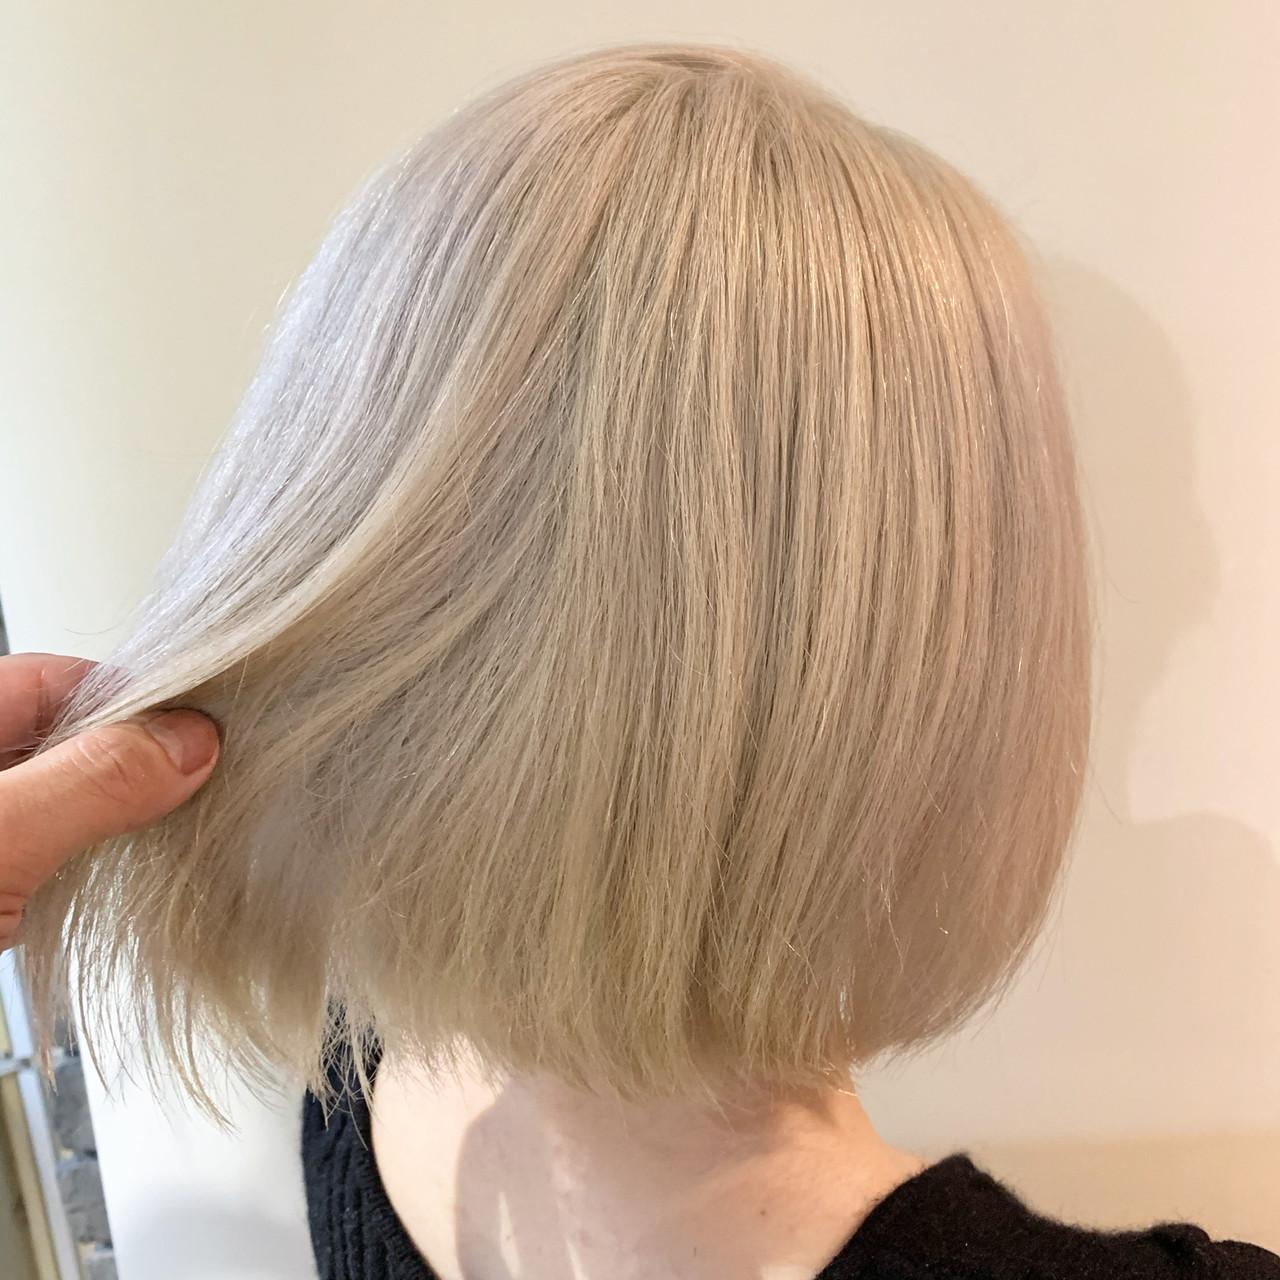 ボブ ショートヘア ショートボブ ホワイトアッシュヘアスタイルや髪型の写真・画像